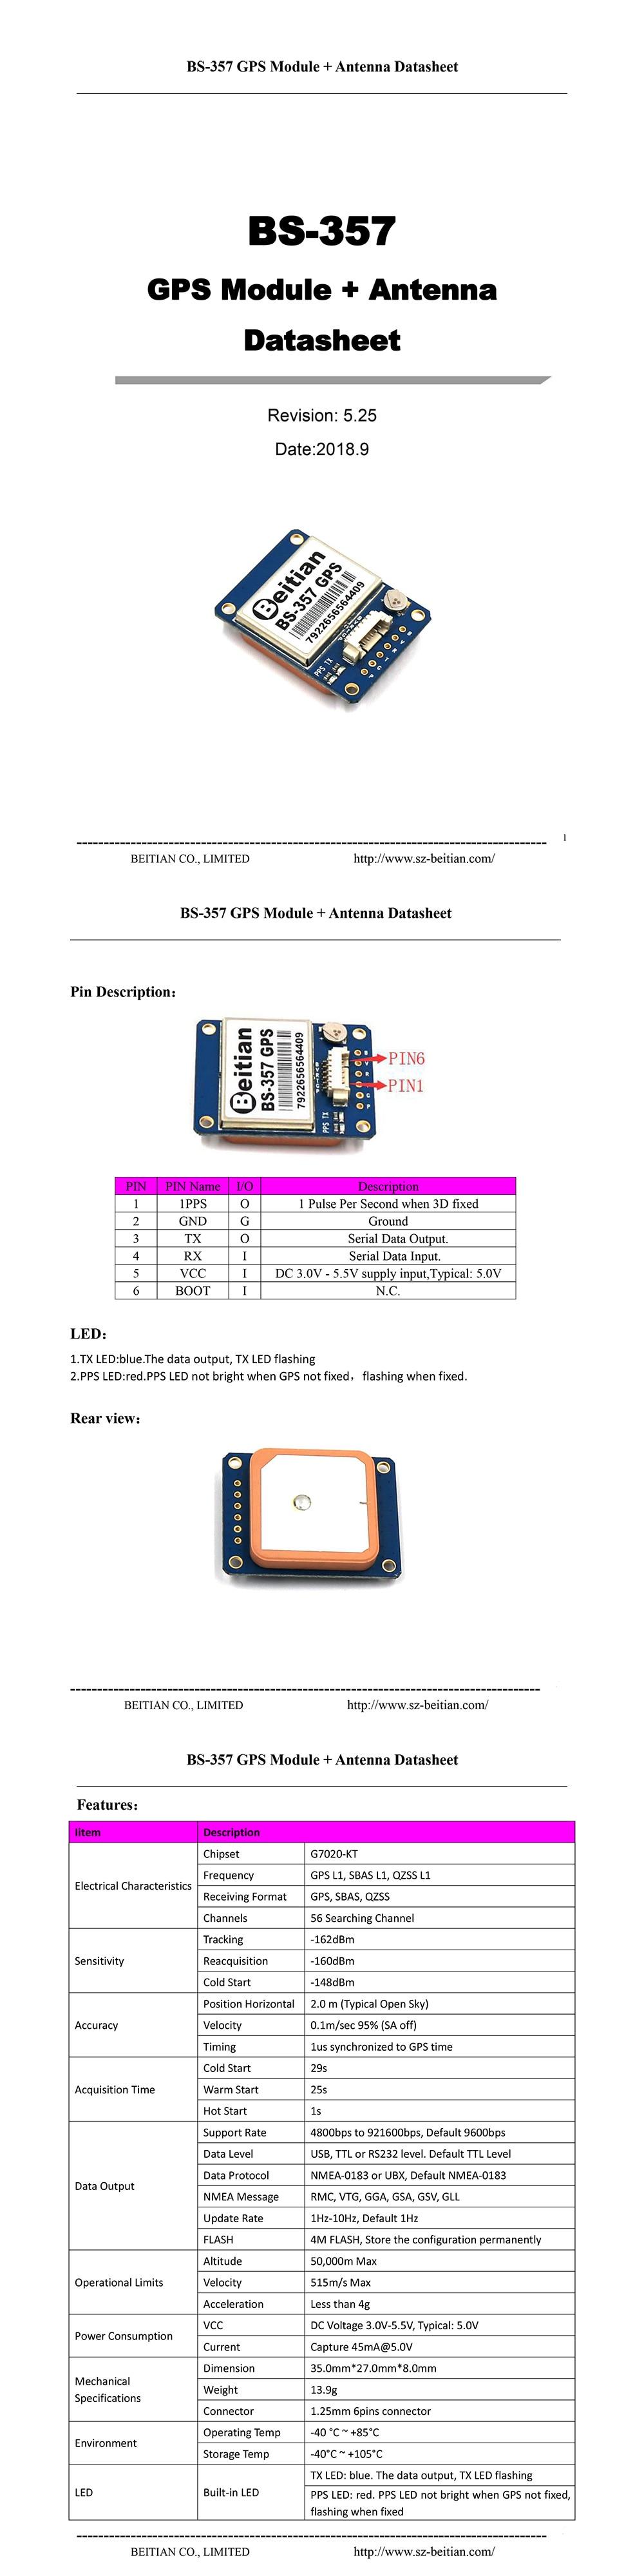 Novo módulo de gps ttl nível 9600bps